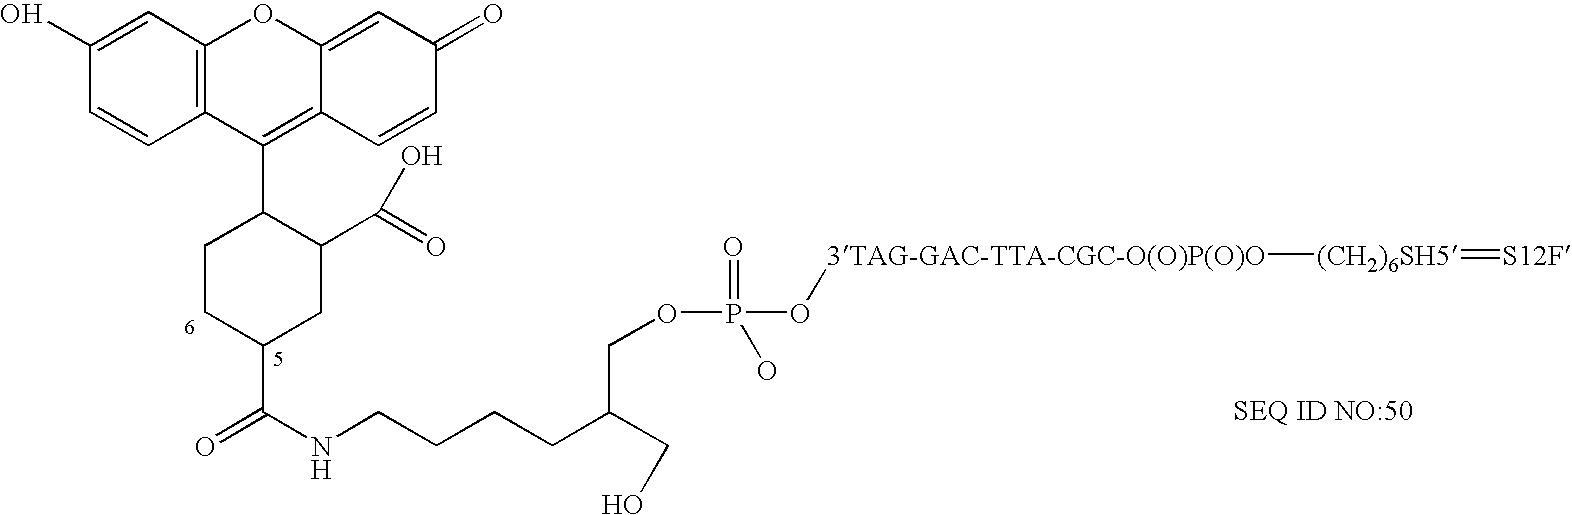 Figure US06902895-20050607-C00001